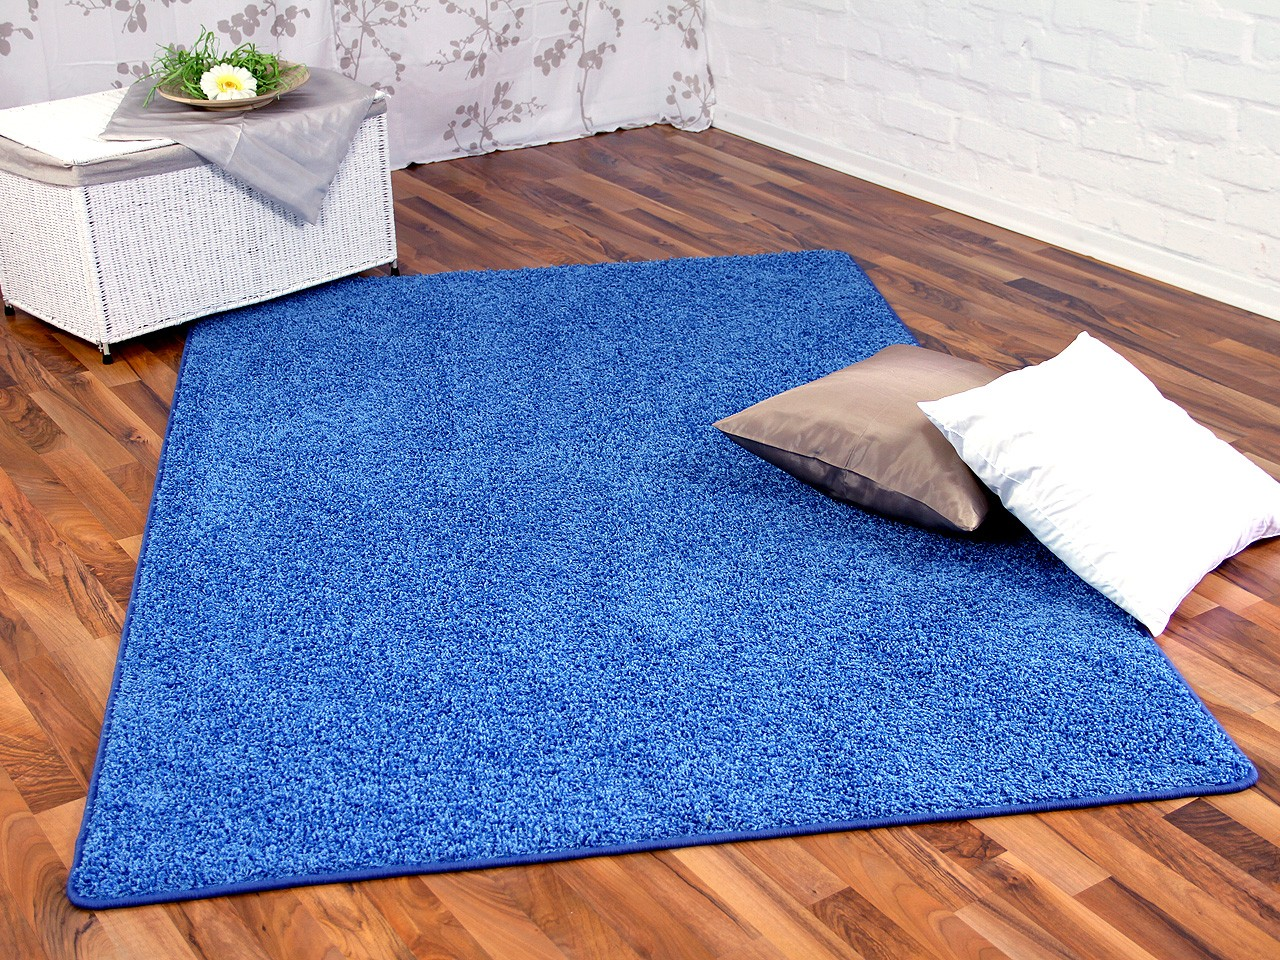 Hochflor Shaggy Teppich Prestige Blau In 24 Grossen Teppiche Hochflor